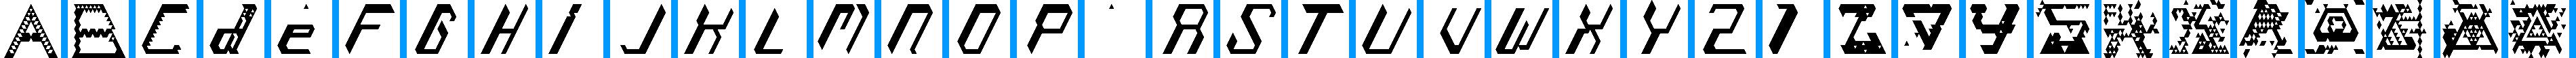 Particip-a-type v.260